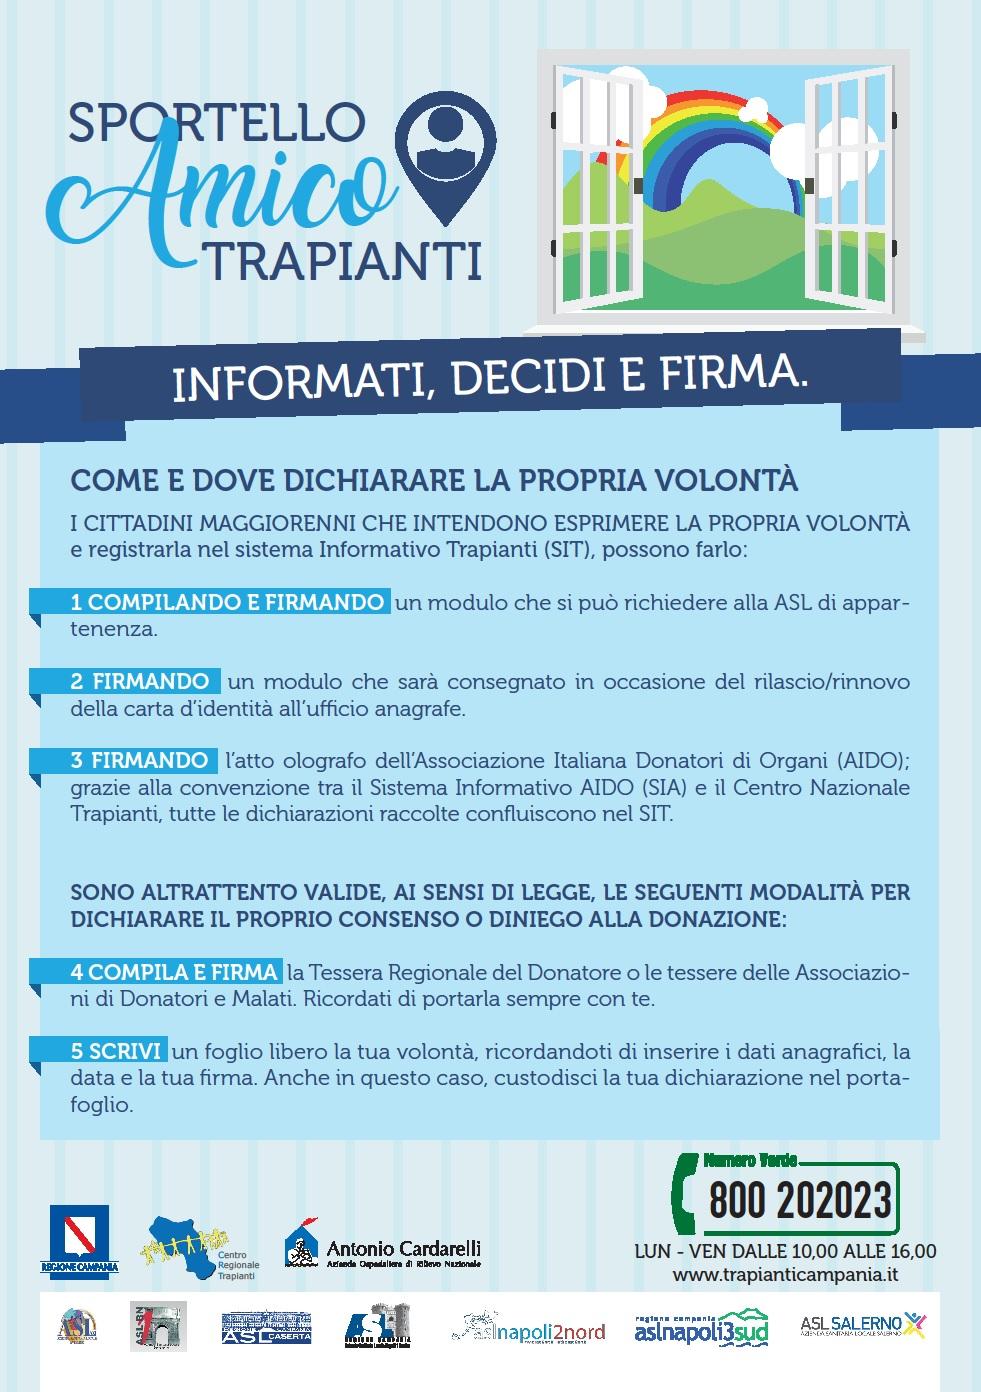 Sportello Amico Trapianti 01/07/2017